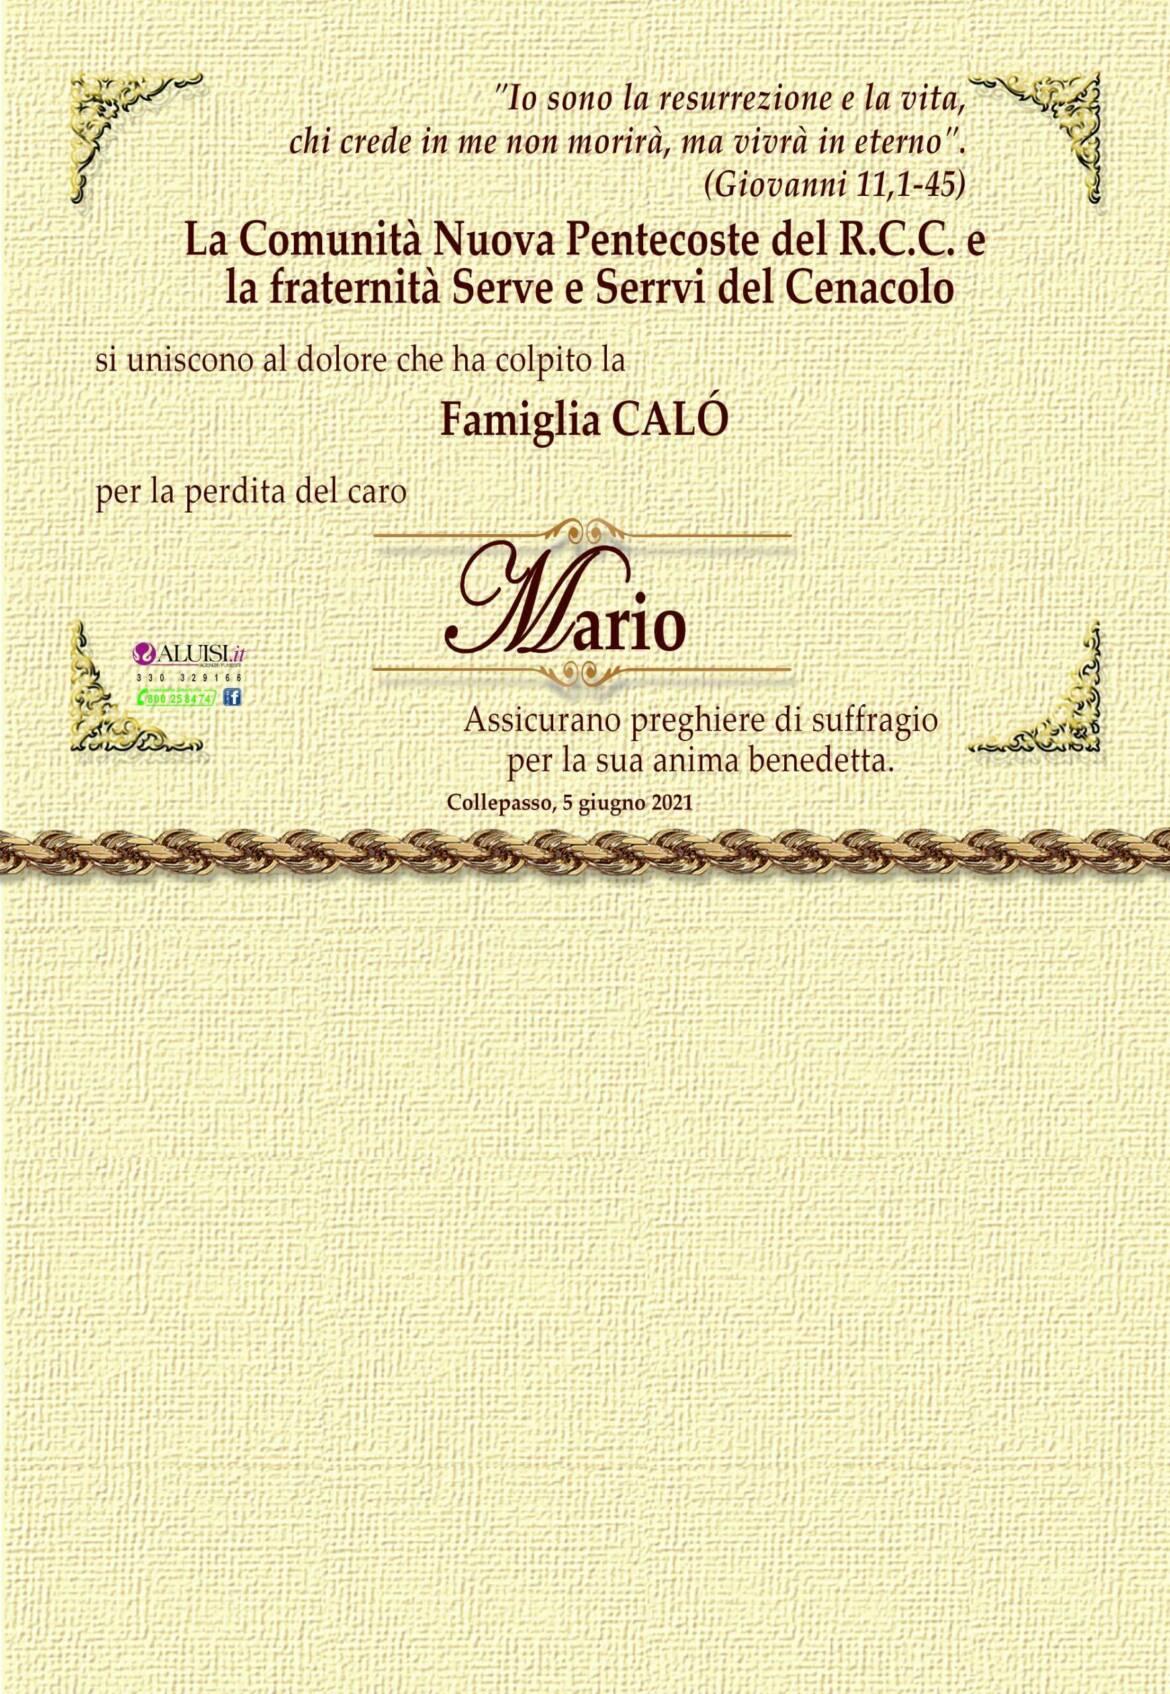 PARTECIPAZIONE-MARIO-CALo-COLLEPASSO-8-scaled.jpg